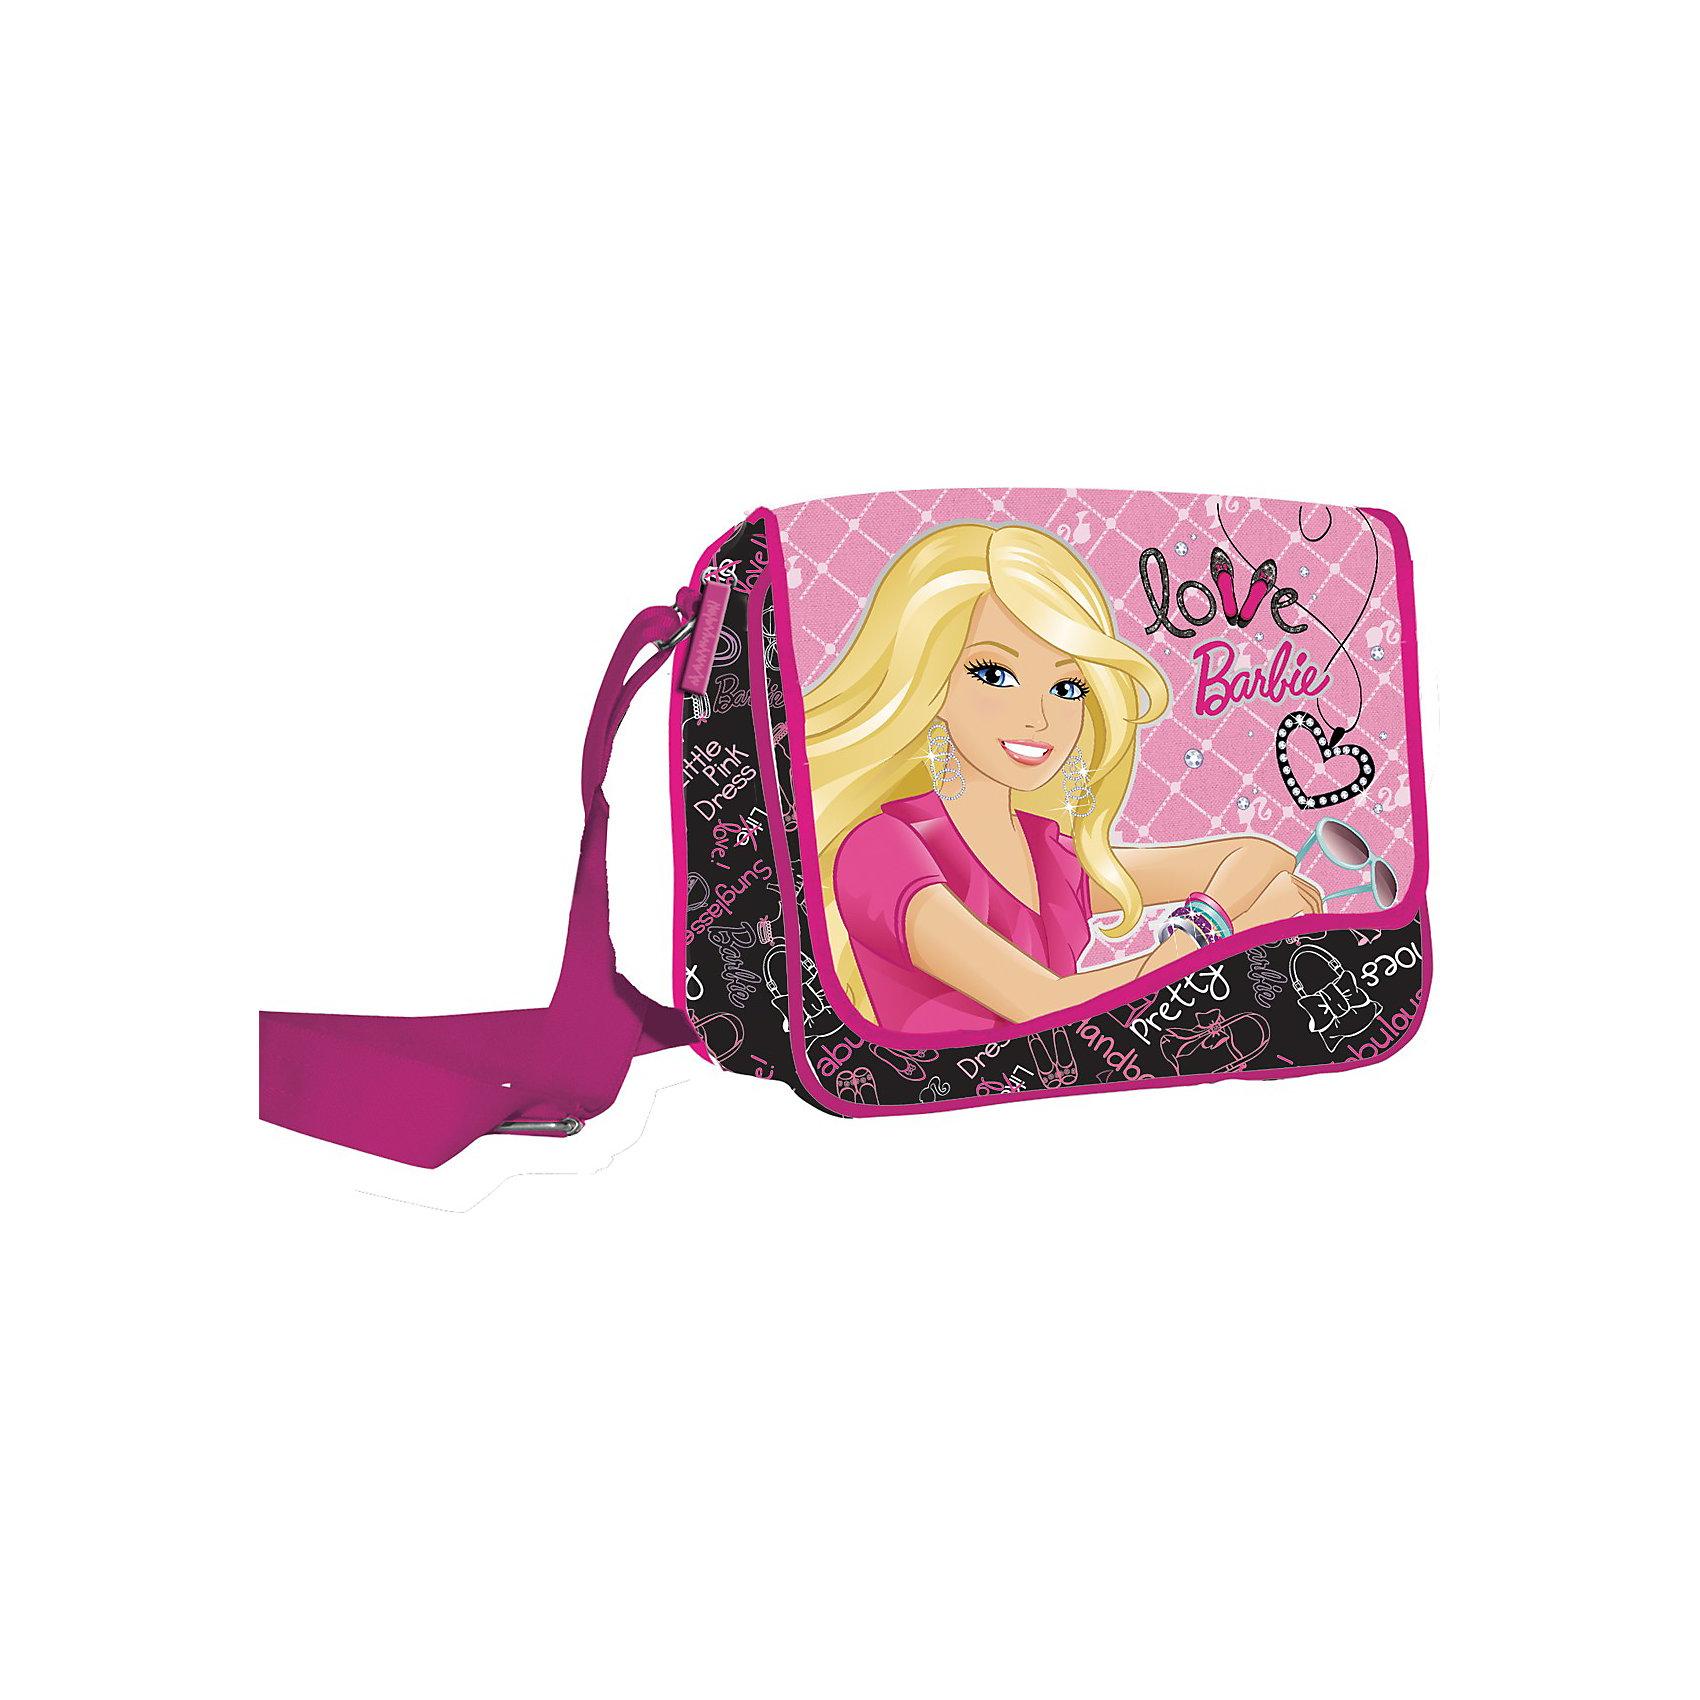 Barbie Сумочка. Размер 21 х 27 х 8 смBarbie<br>Любая девчонка мечтает о стильной штучке от Barbie. Стильная сумка с изображением Barbie обязательно понравится Вашей дочке.<br>Размер 21 х 27 х 8 см.<br>Ремень на плечо.<br><br>Ширина мм: 210<br>Глубина мм: 270<br>Высота мм: 80<br>Вес г: 350<br>Возраст от месяцев: 84<br>Возраст до месяцев: 144<br>Пол: Женский<br>Возраст: Детский<br>SKU: 3178601